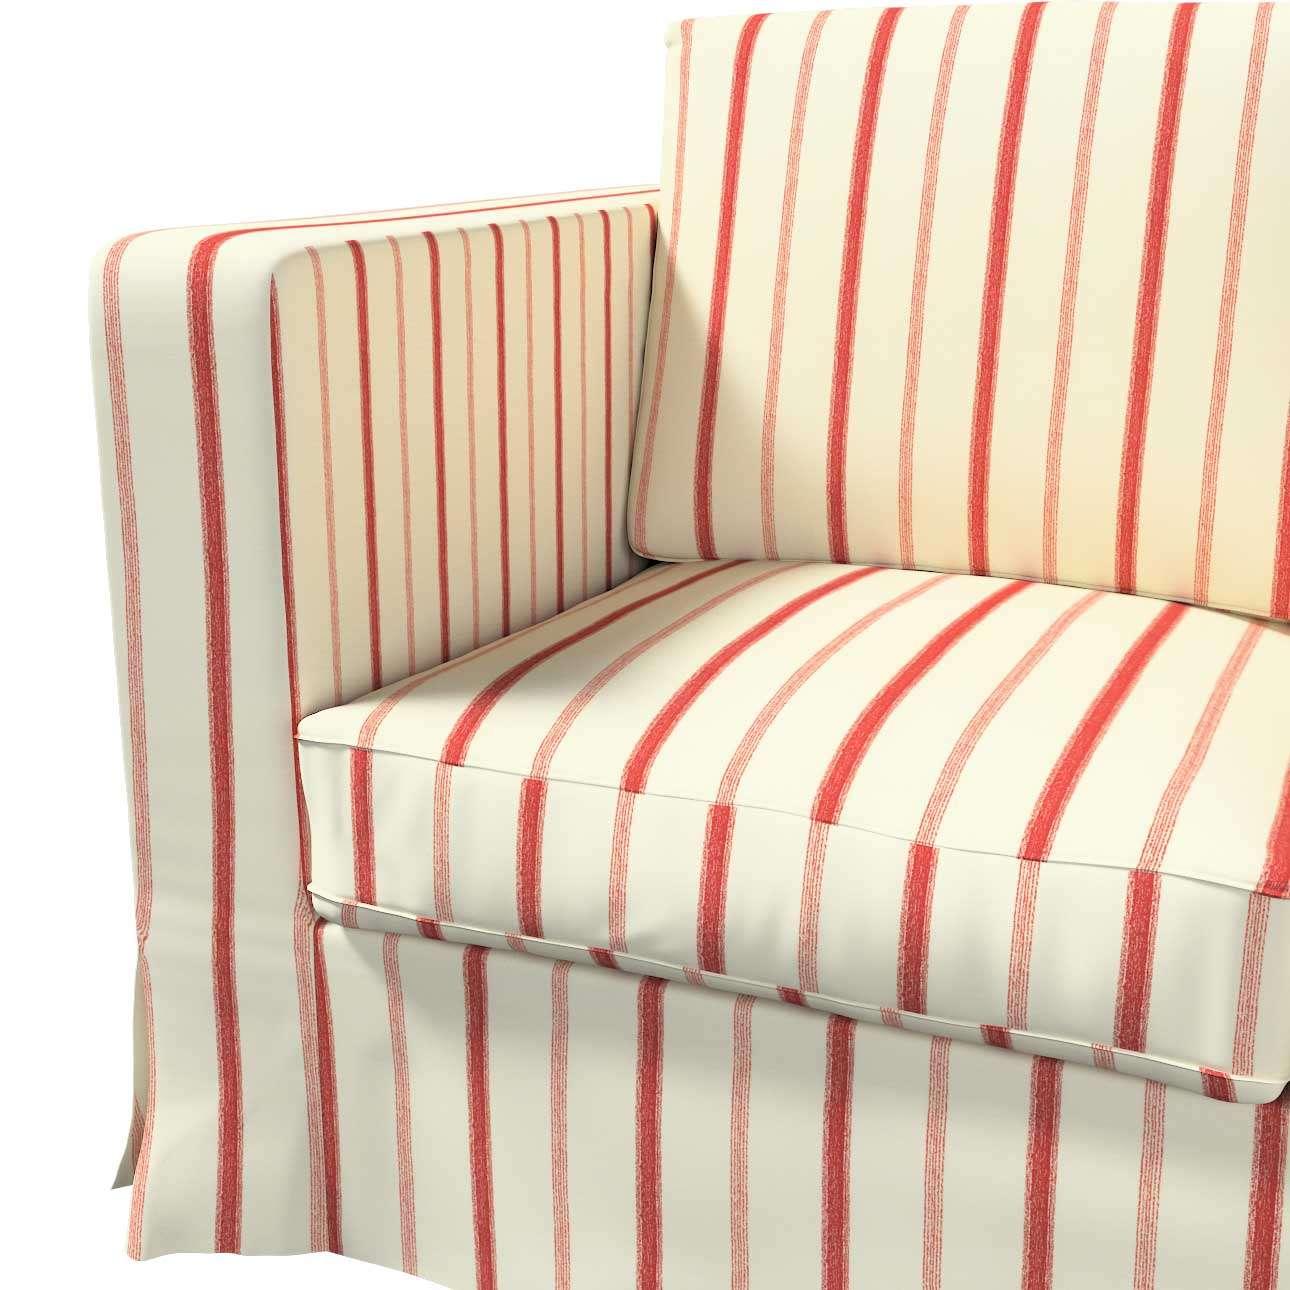 Pokrowiec na sofę Karlanda 3-osobową nierozkładaną, długi w kolekcji Avinon, tkanina: 129-15